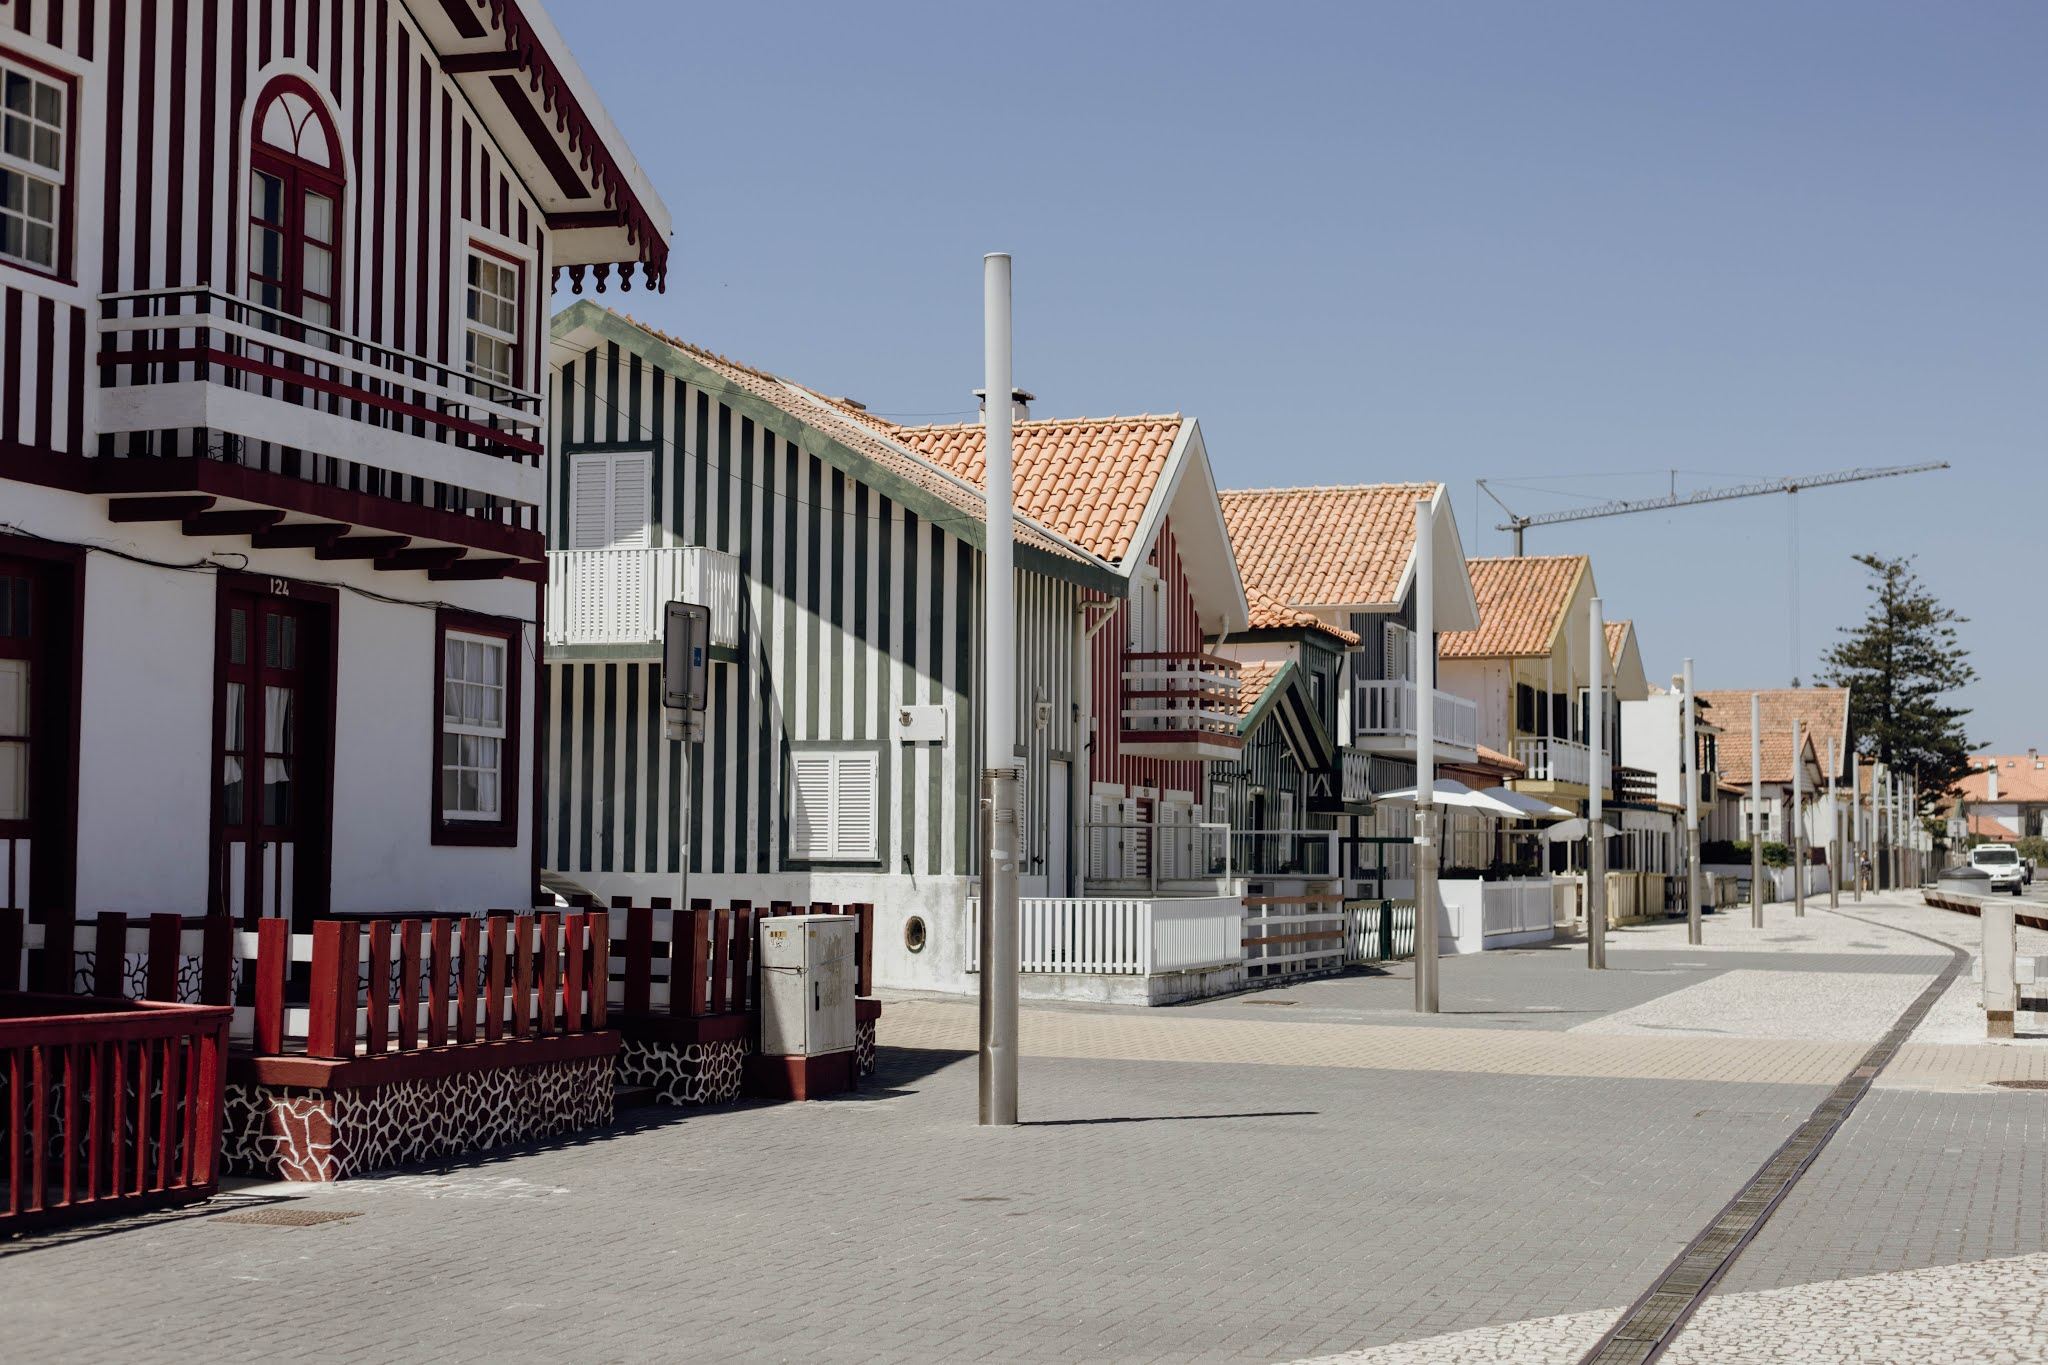 Casas da Costa Nova em Aveiro, Portugal